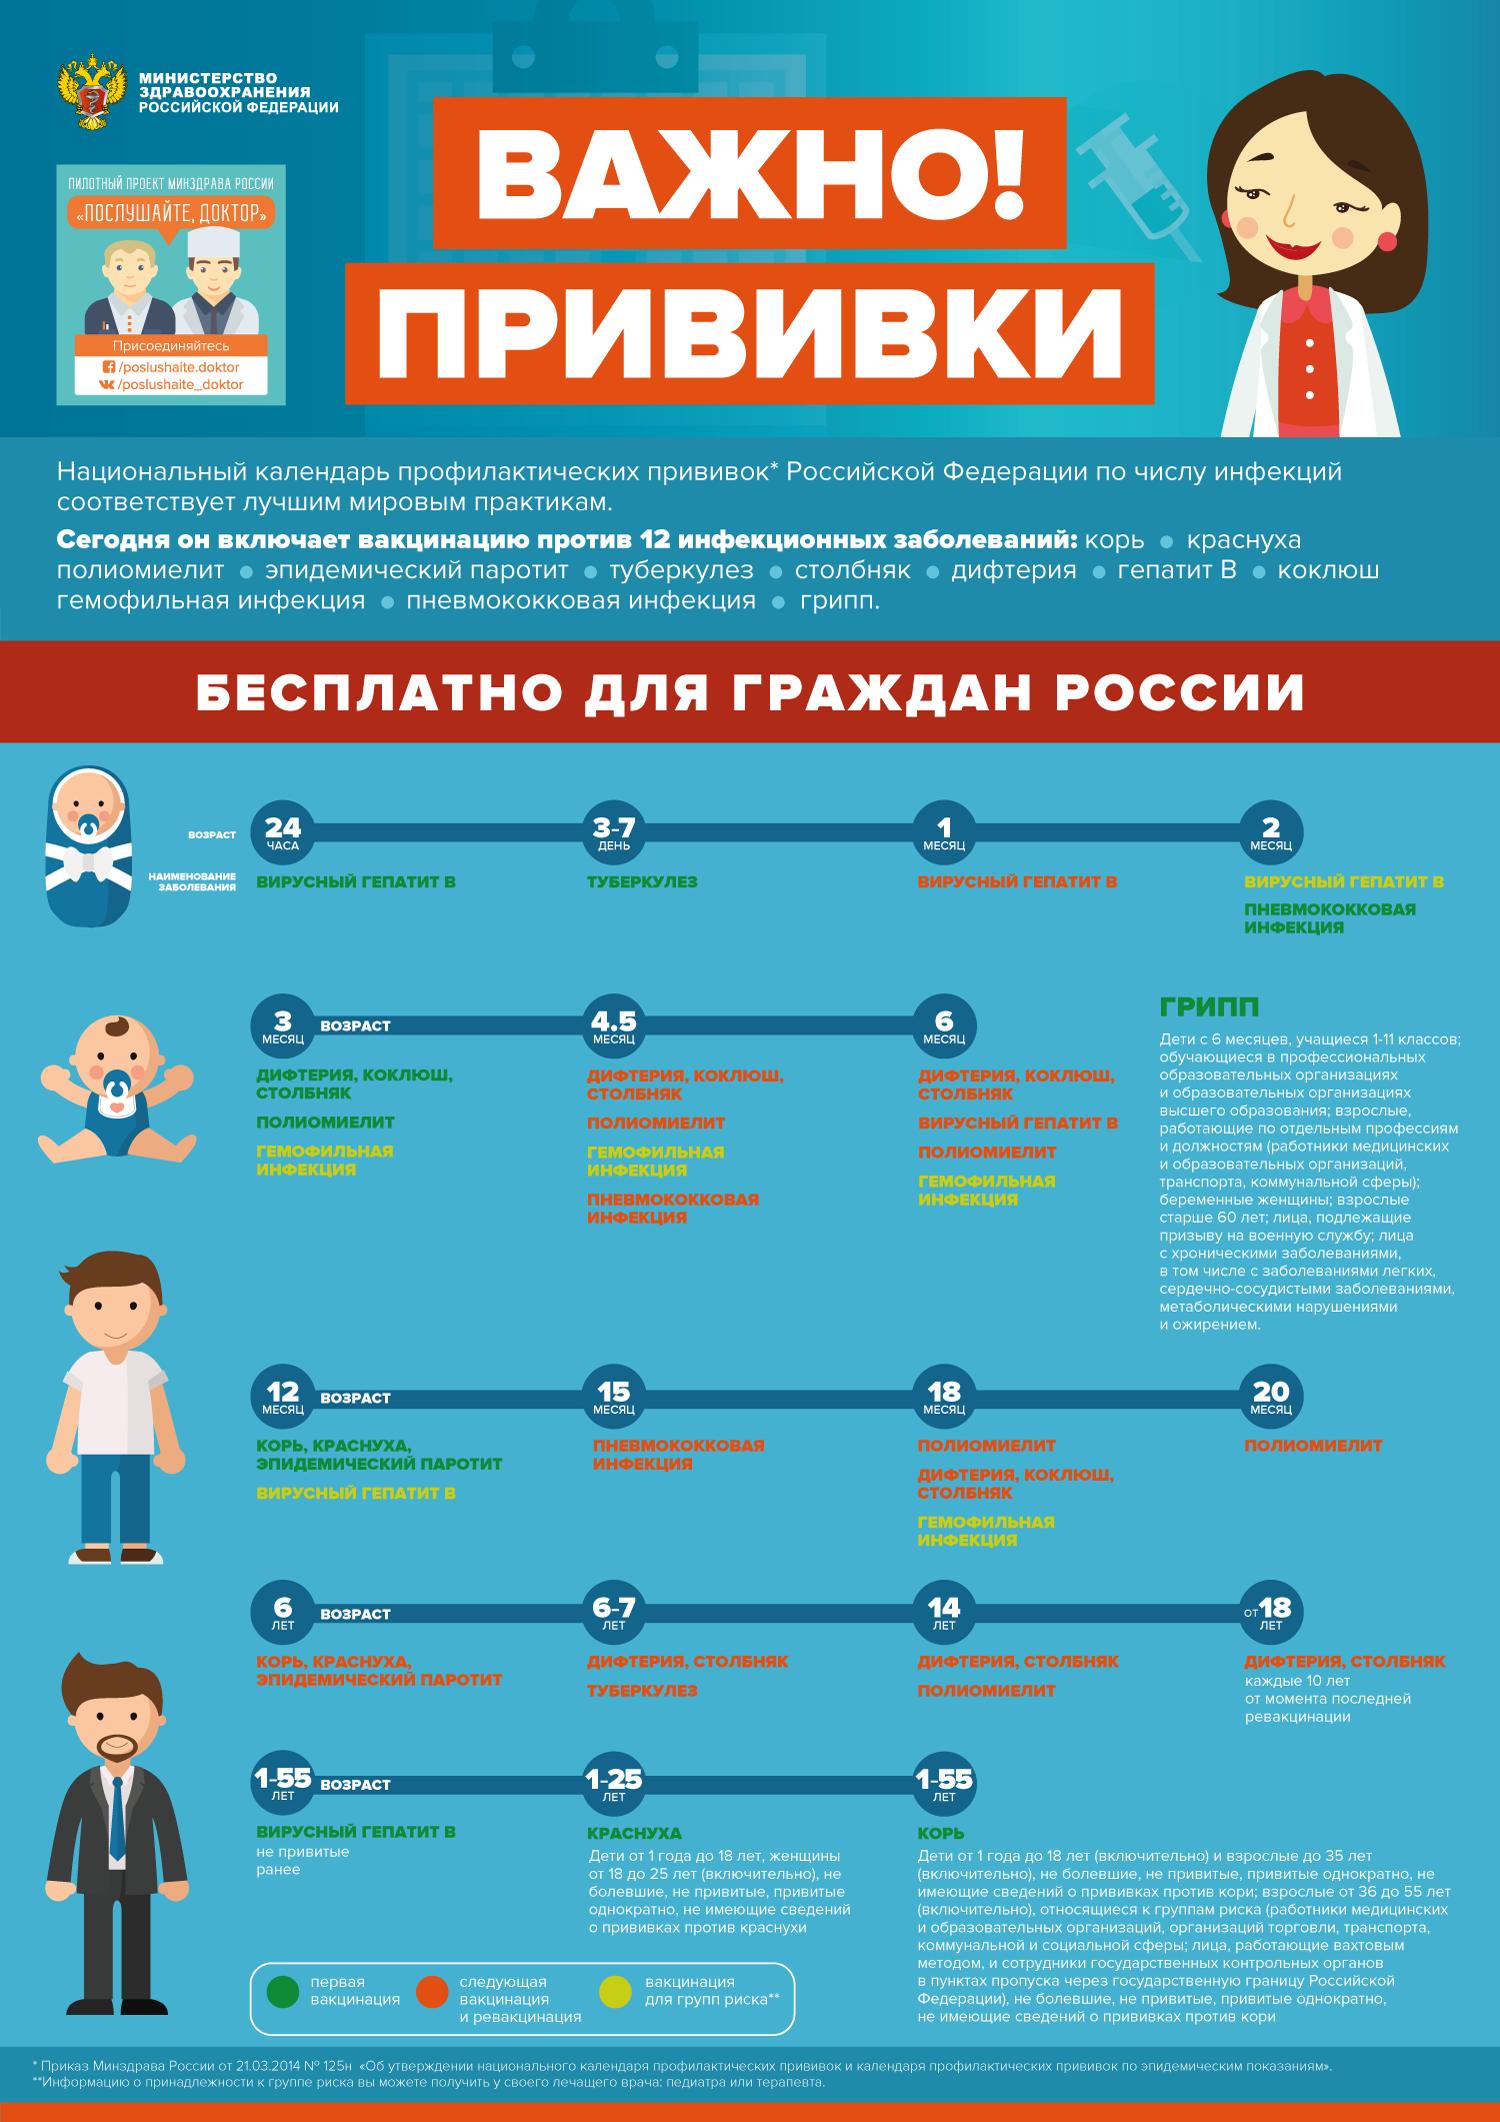 НКПП - инфографика